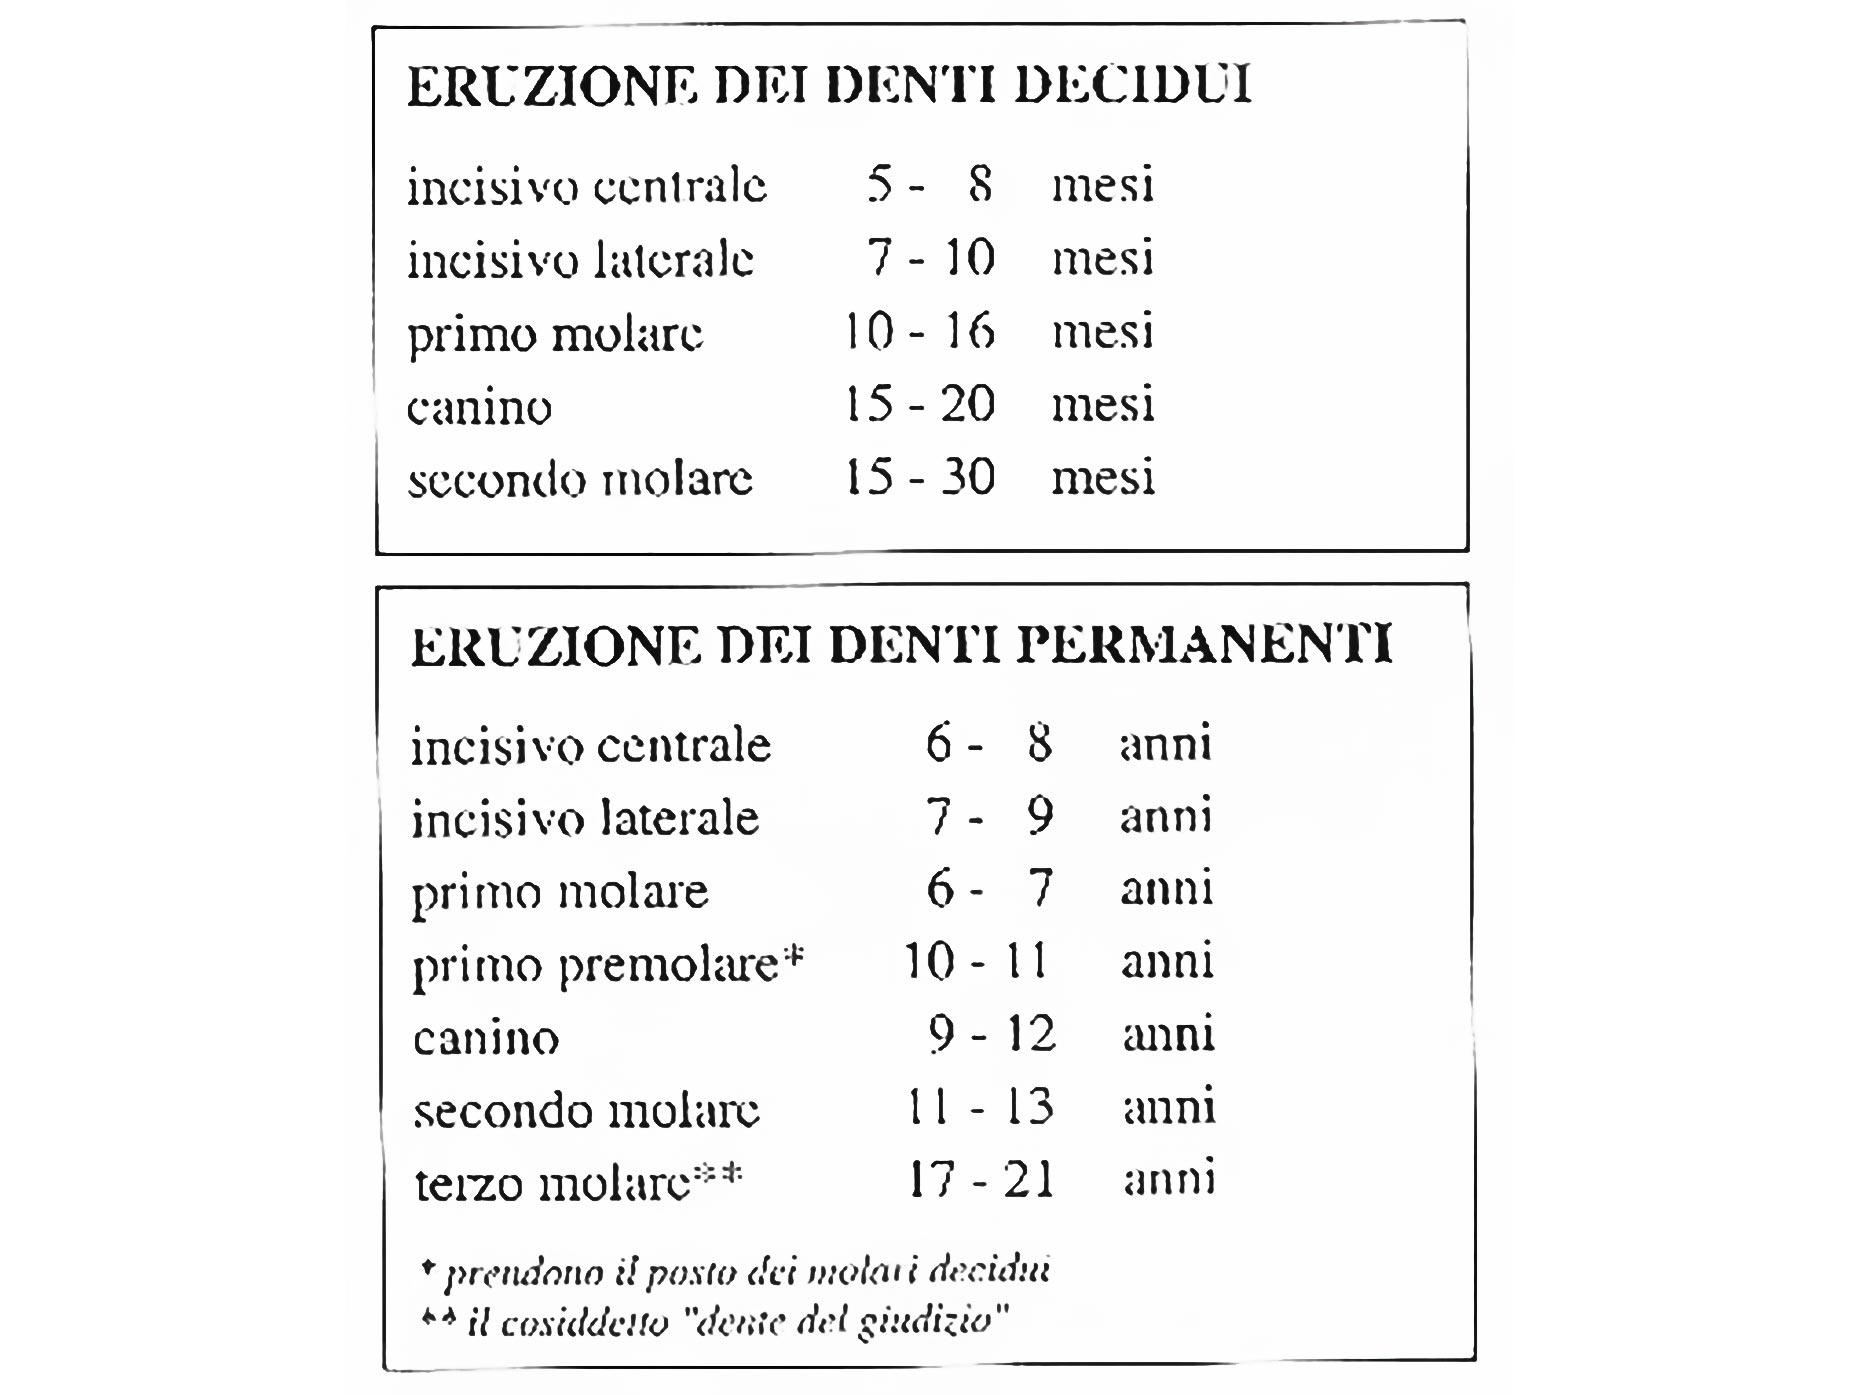 tabella sull'eruzione dei denti decidui e permanenti